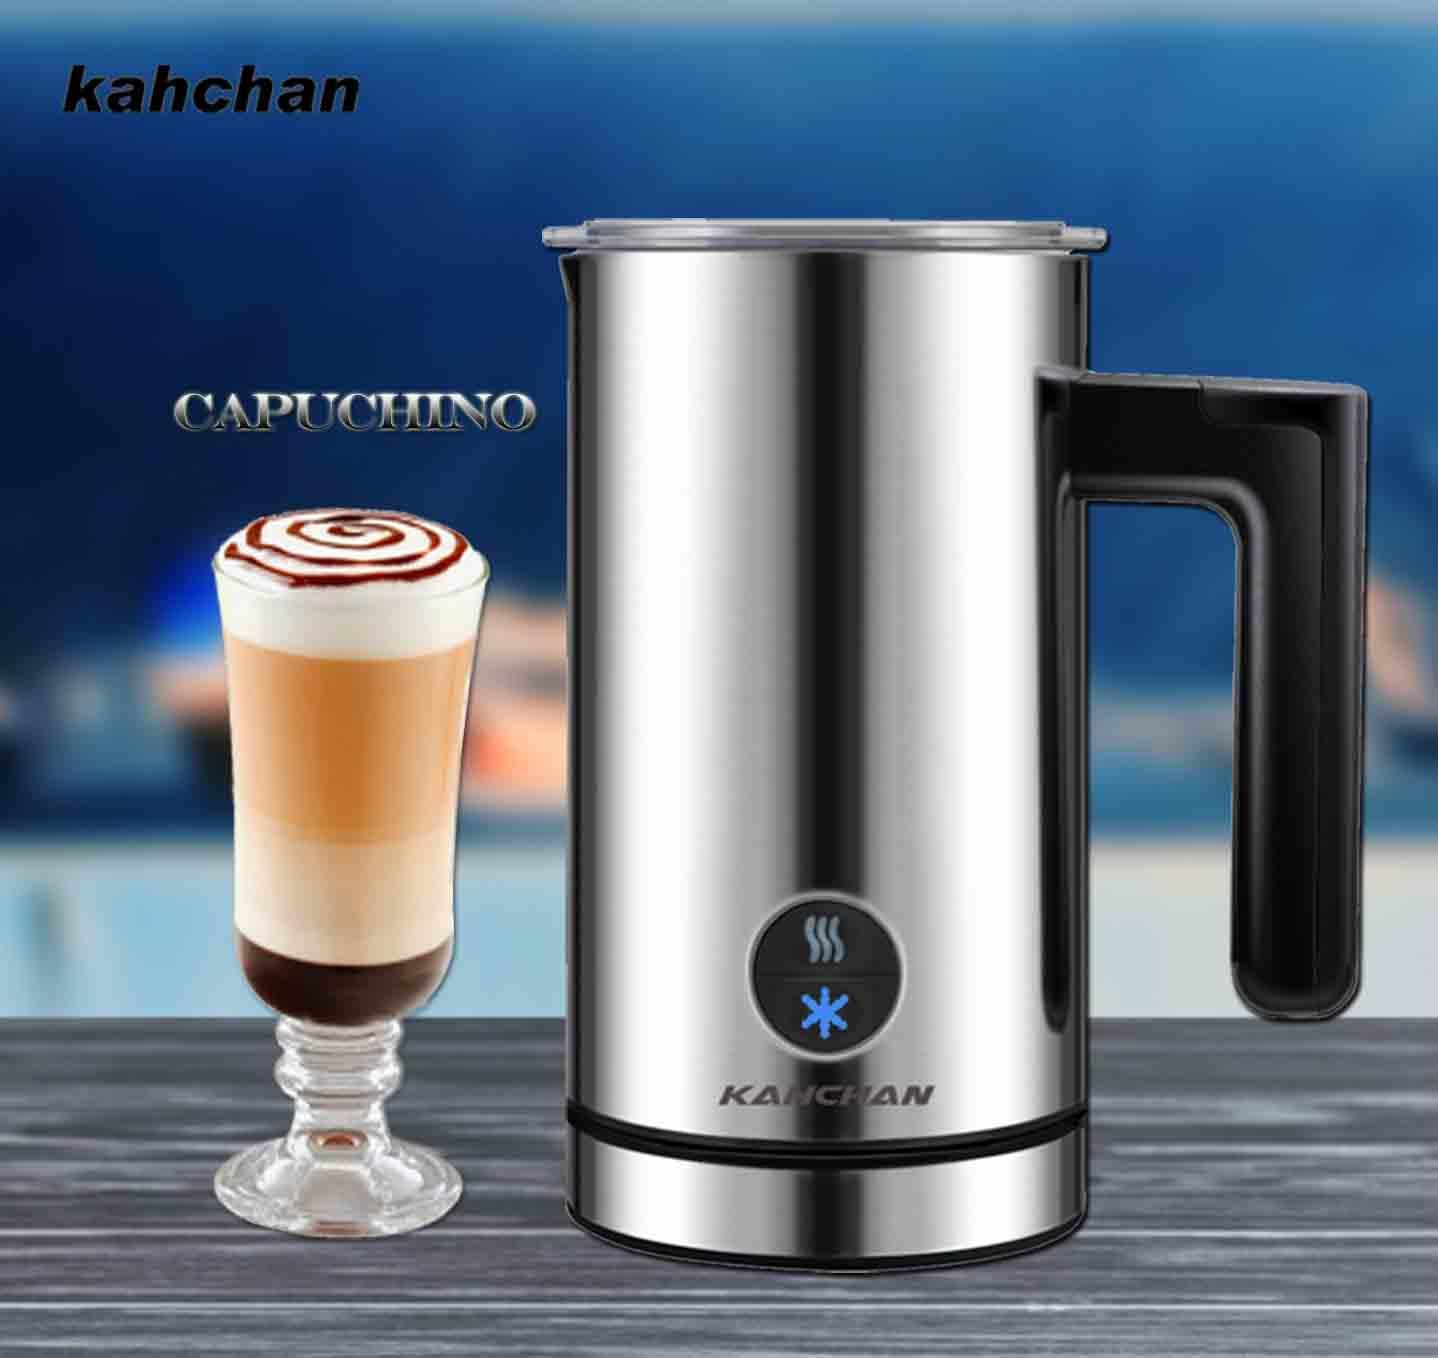 máy đánh sữa tạo bọt capuchino kahchan